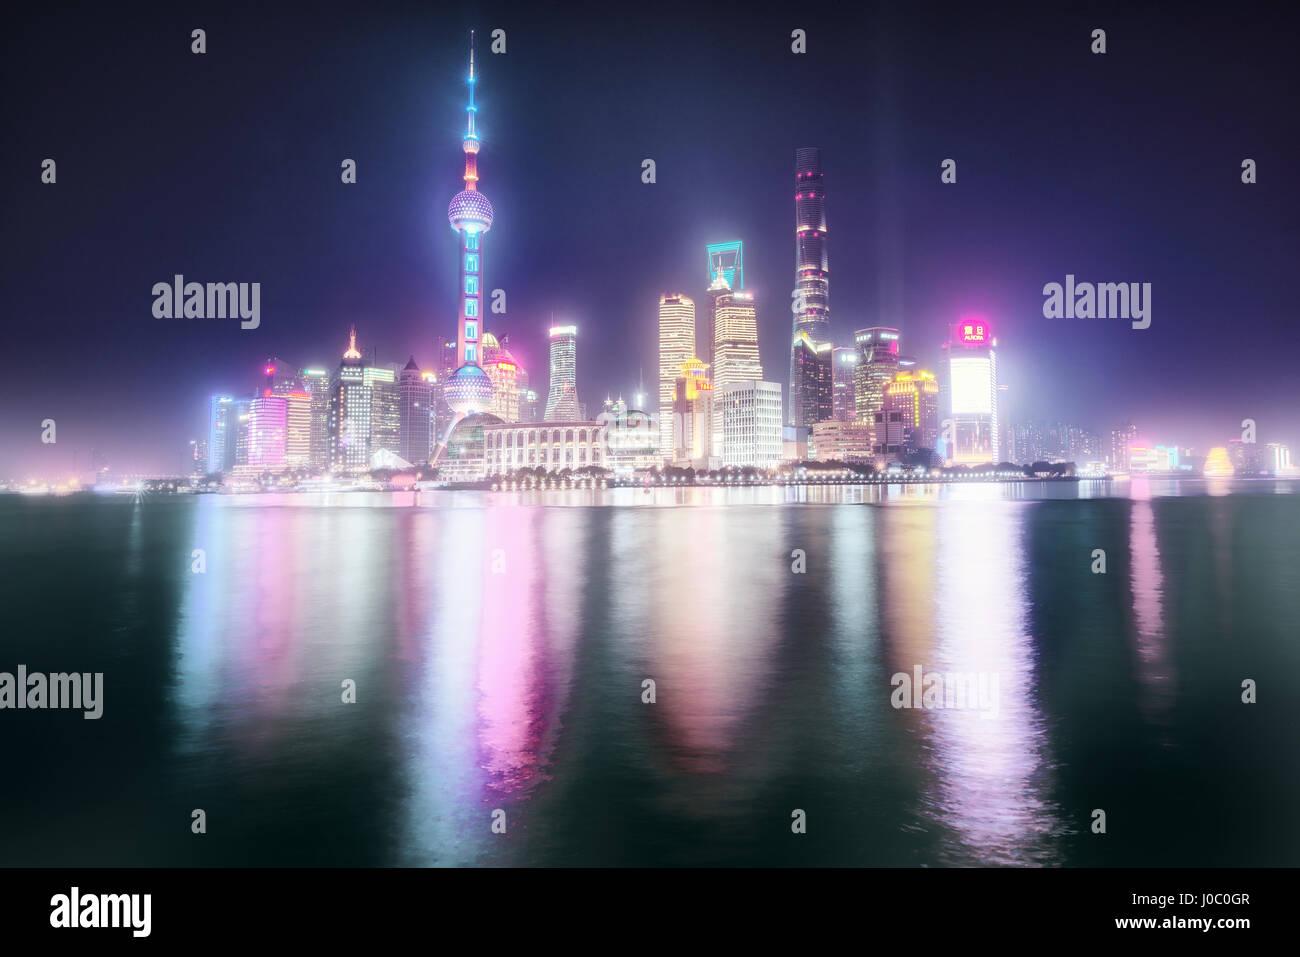 La nebbia ancora colorato skyline di Shanghai Pudong di notte, Shanghai, Cina e Asia Immagini Stock